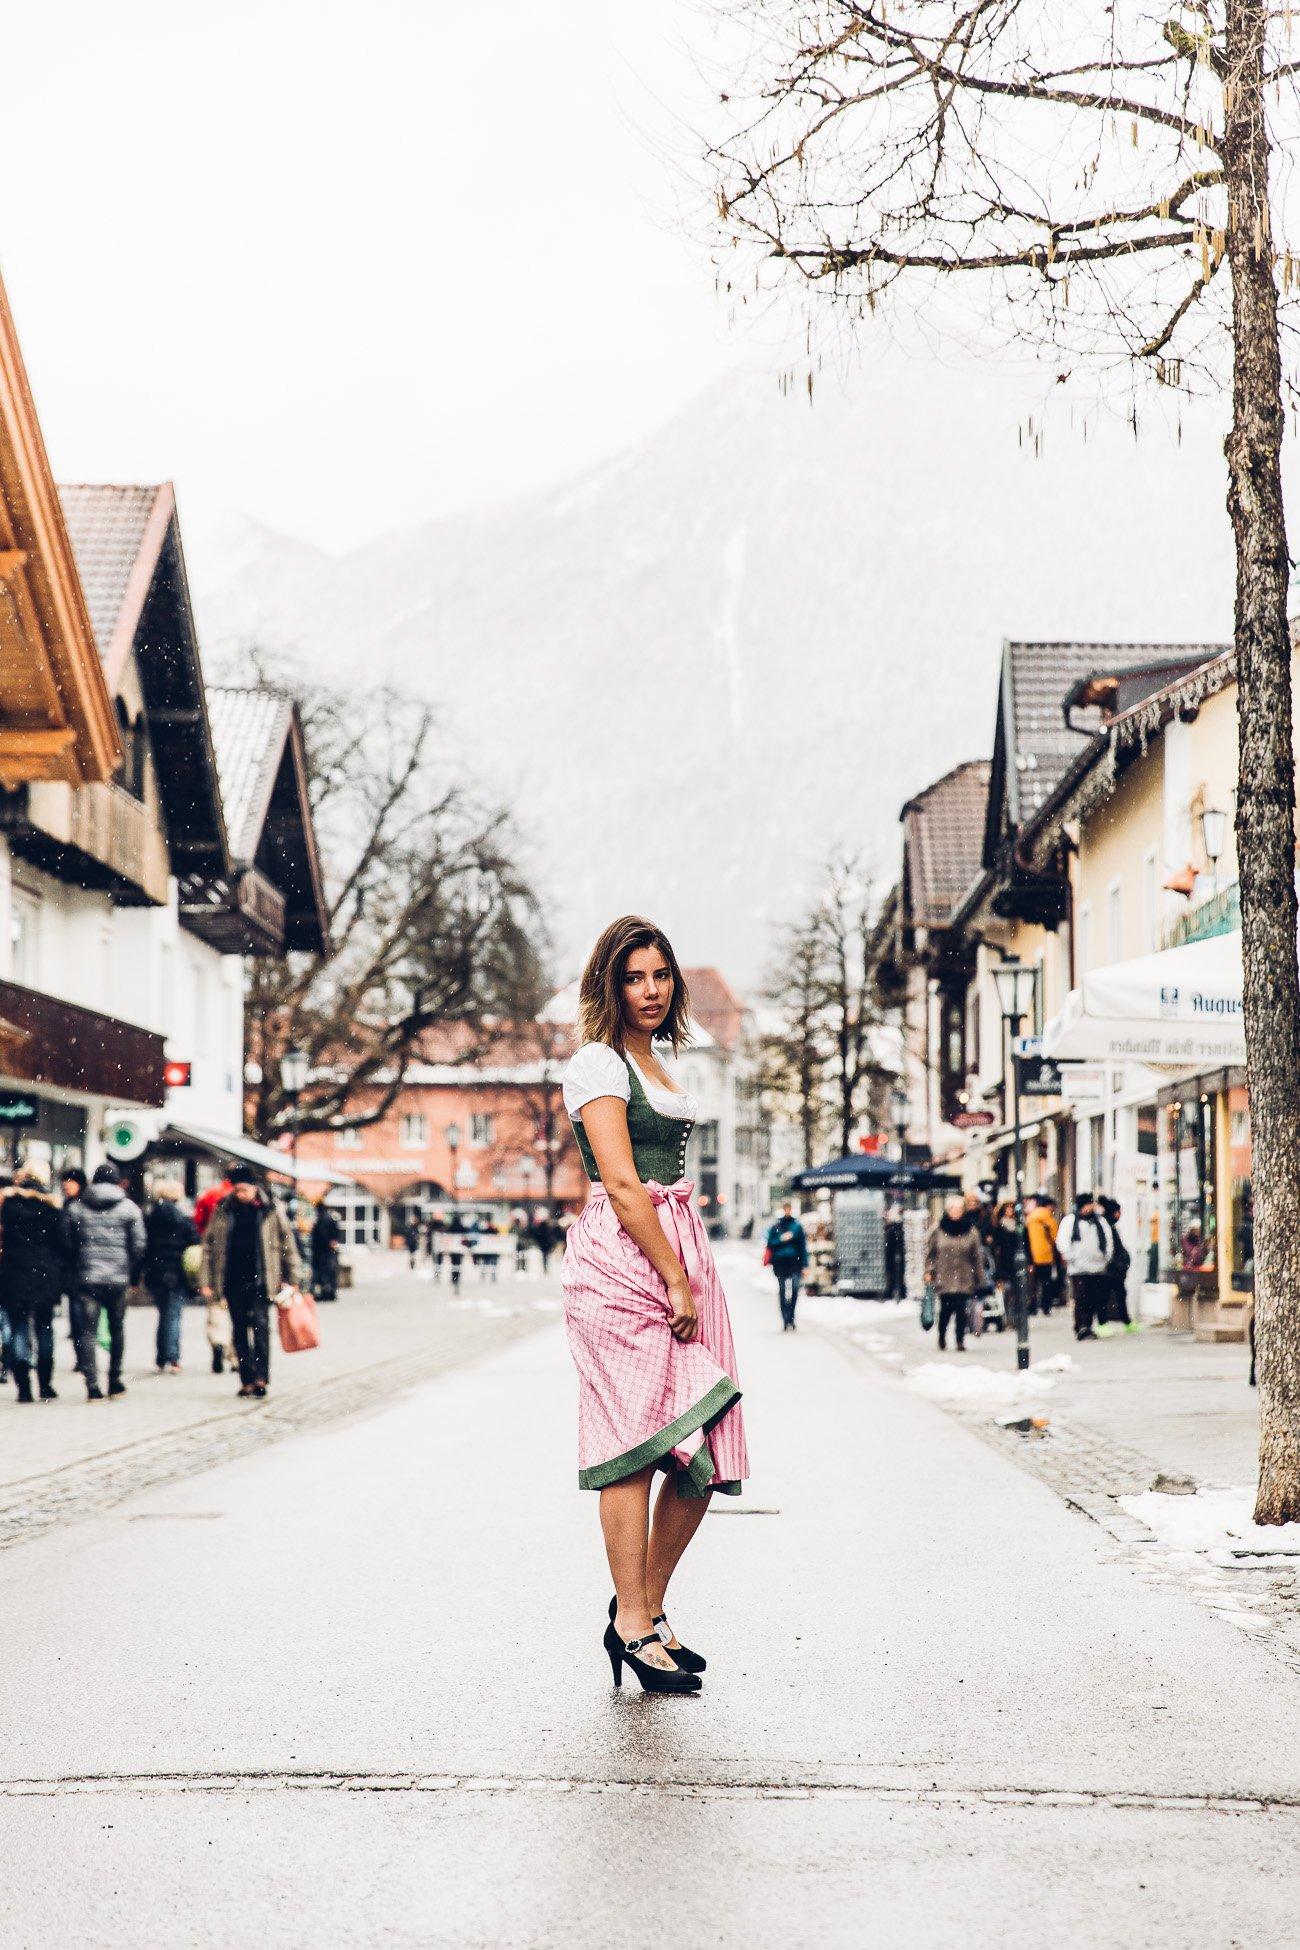 Raira in a Dirndl in Garmisch